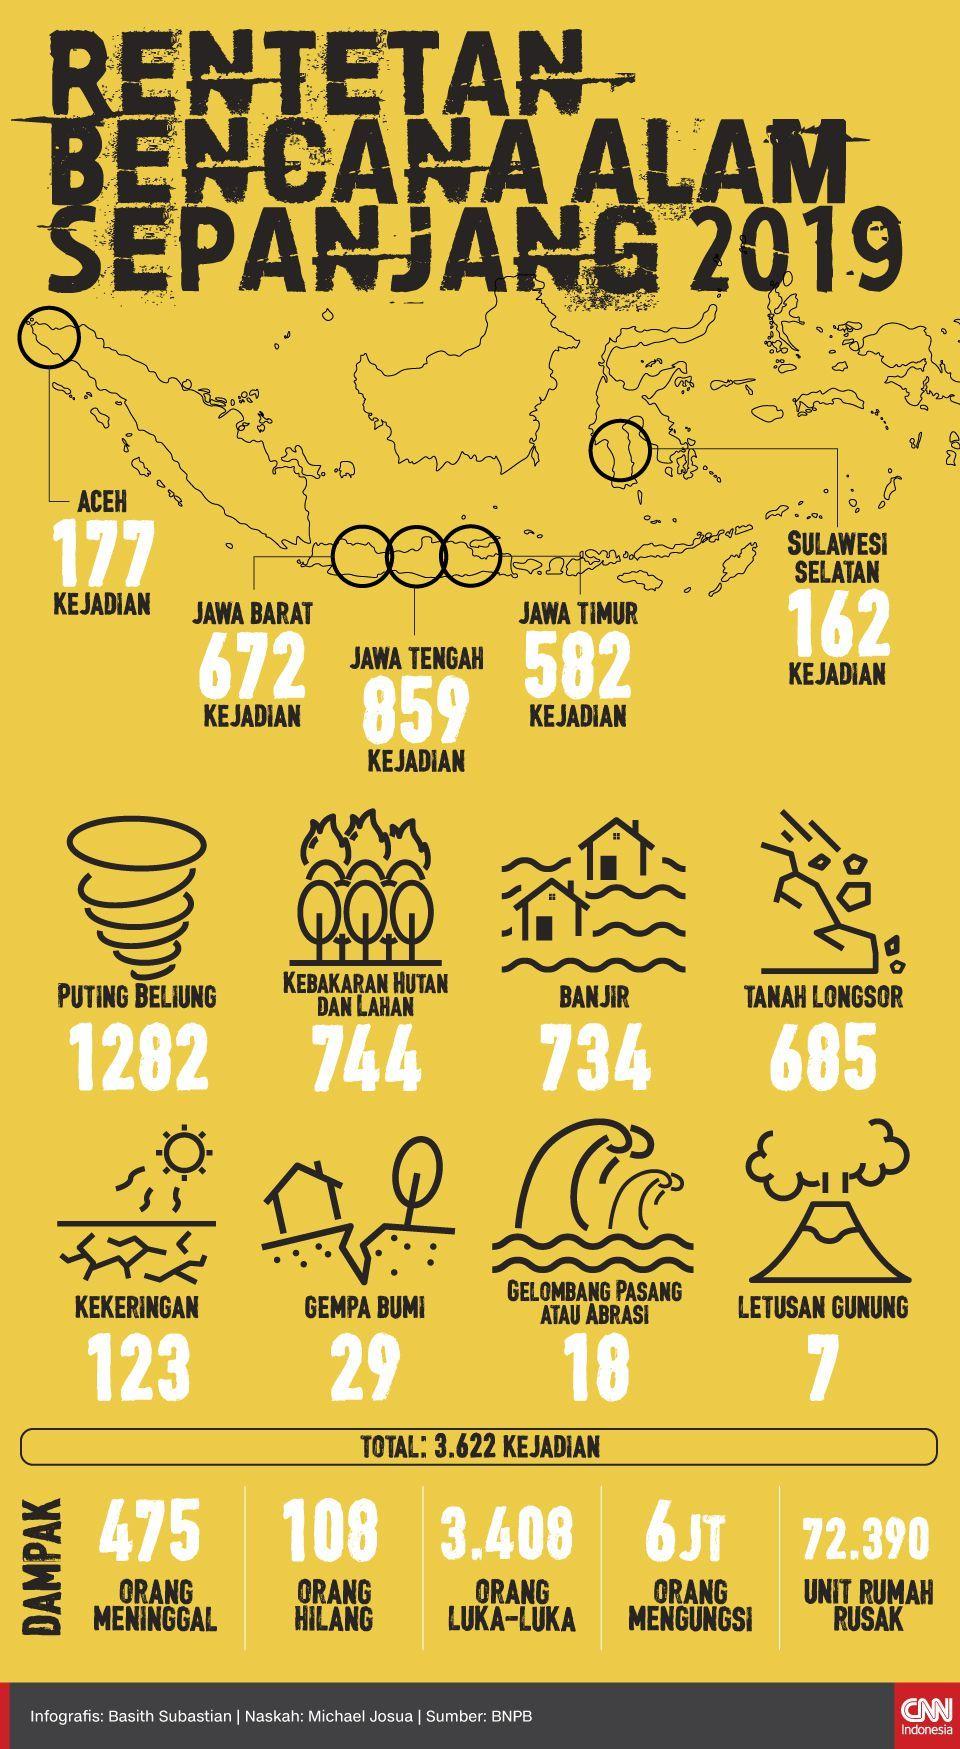 Infografis Rentetan Bencana Alam Sepanjang 2019